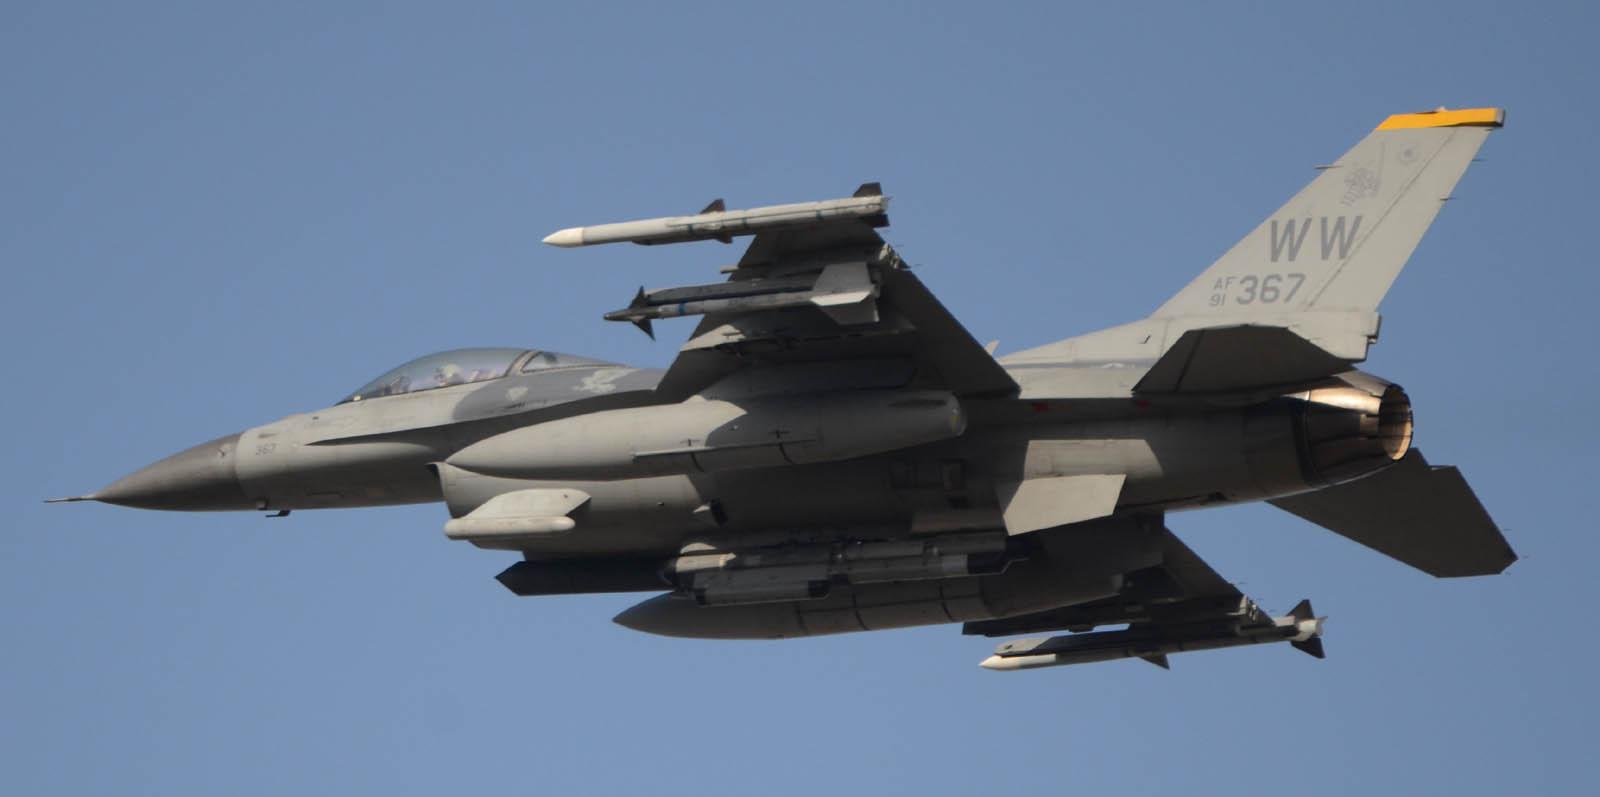 F16130321g607